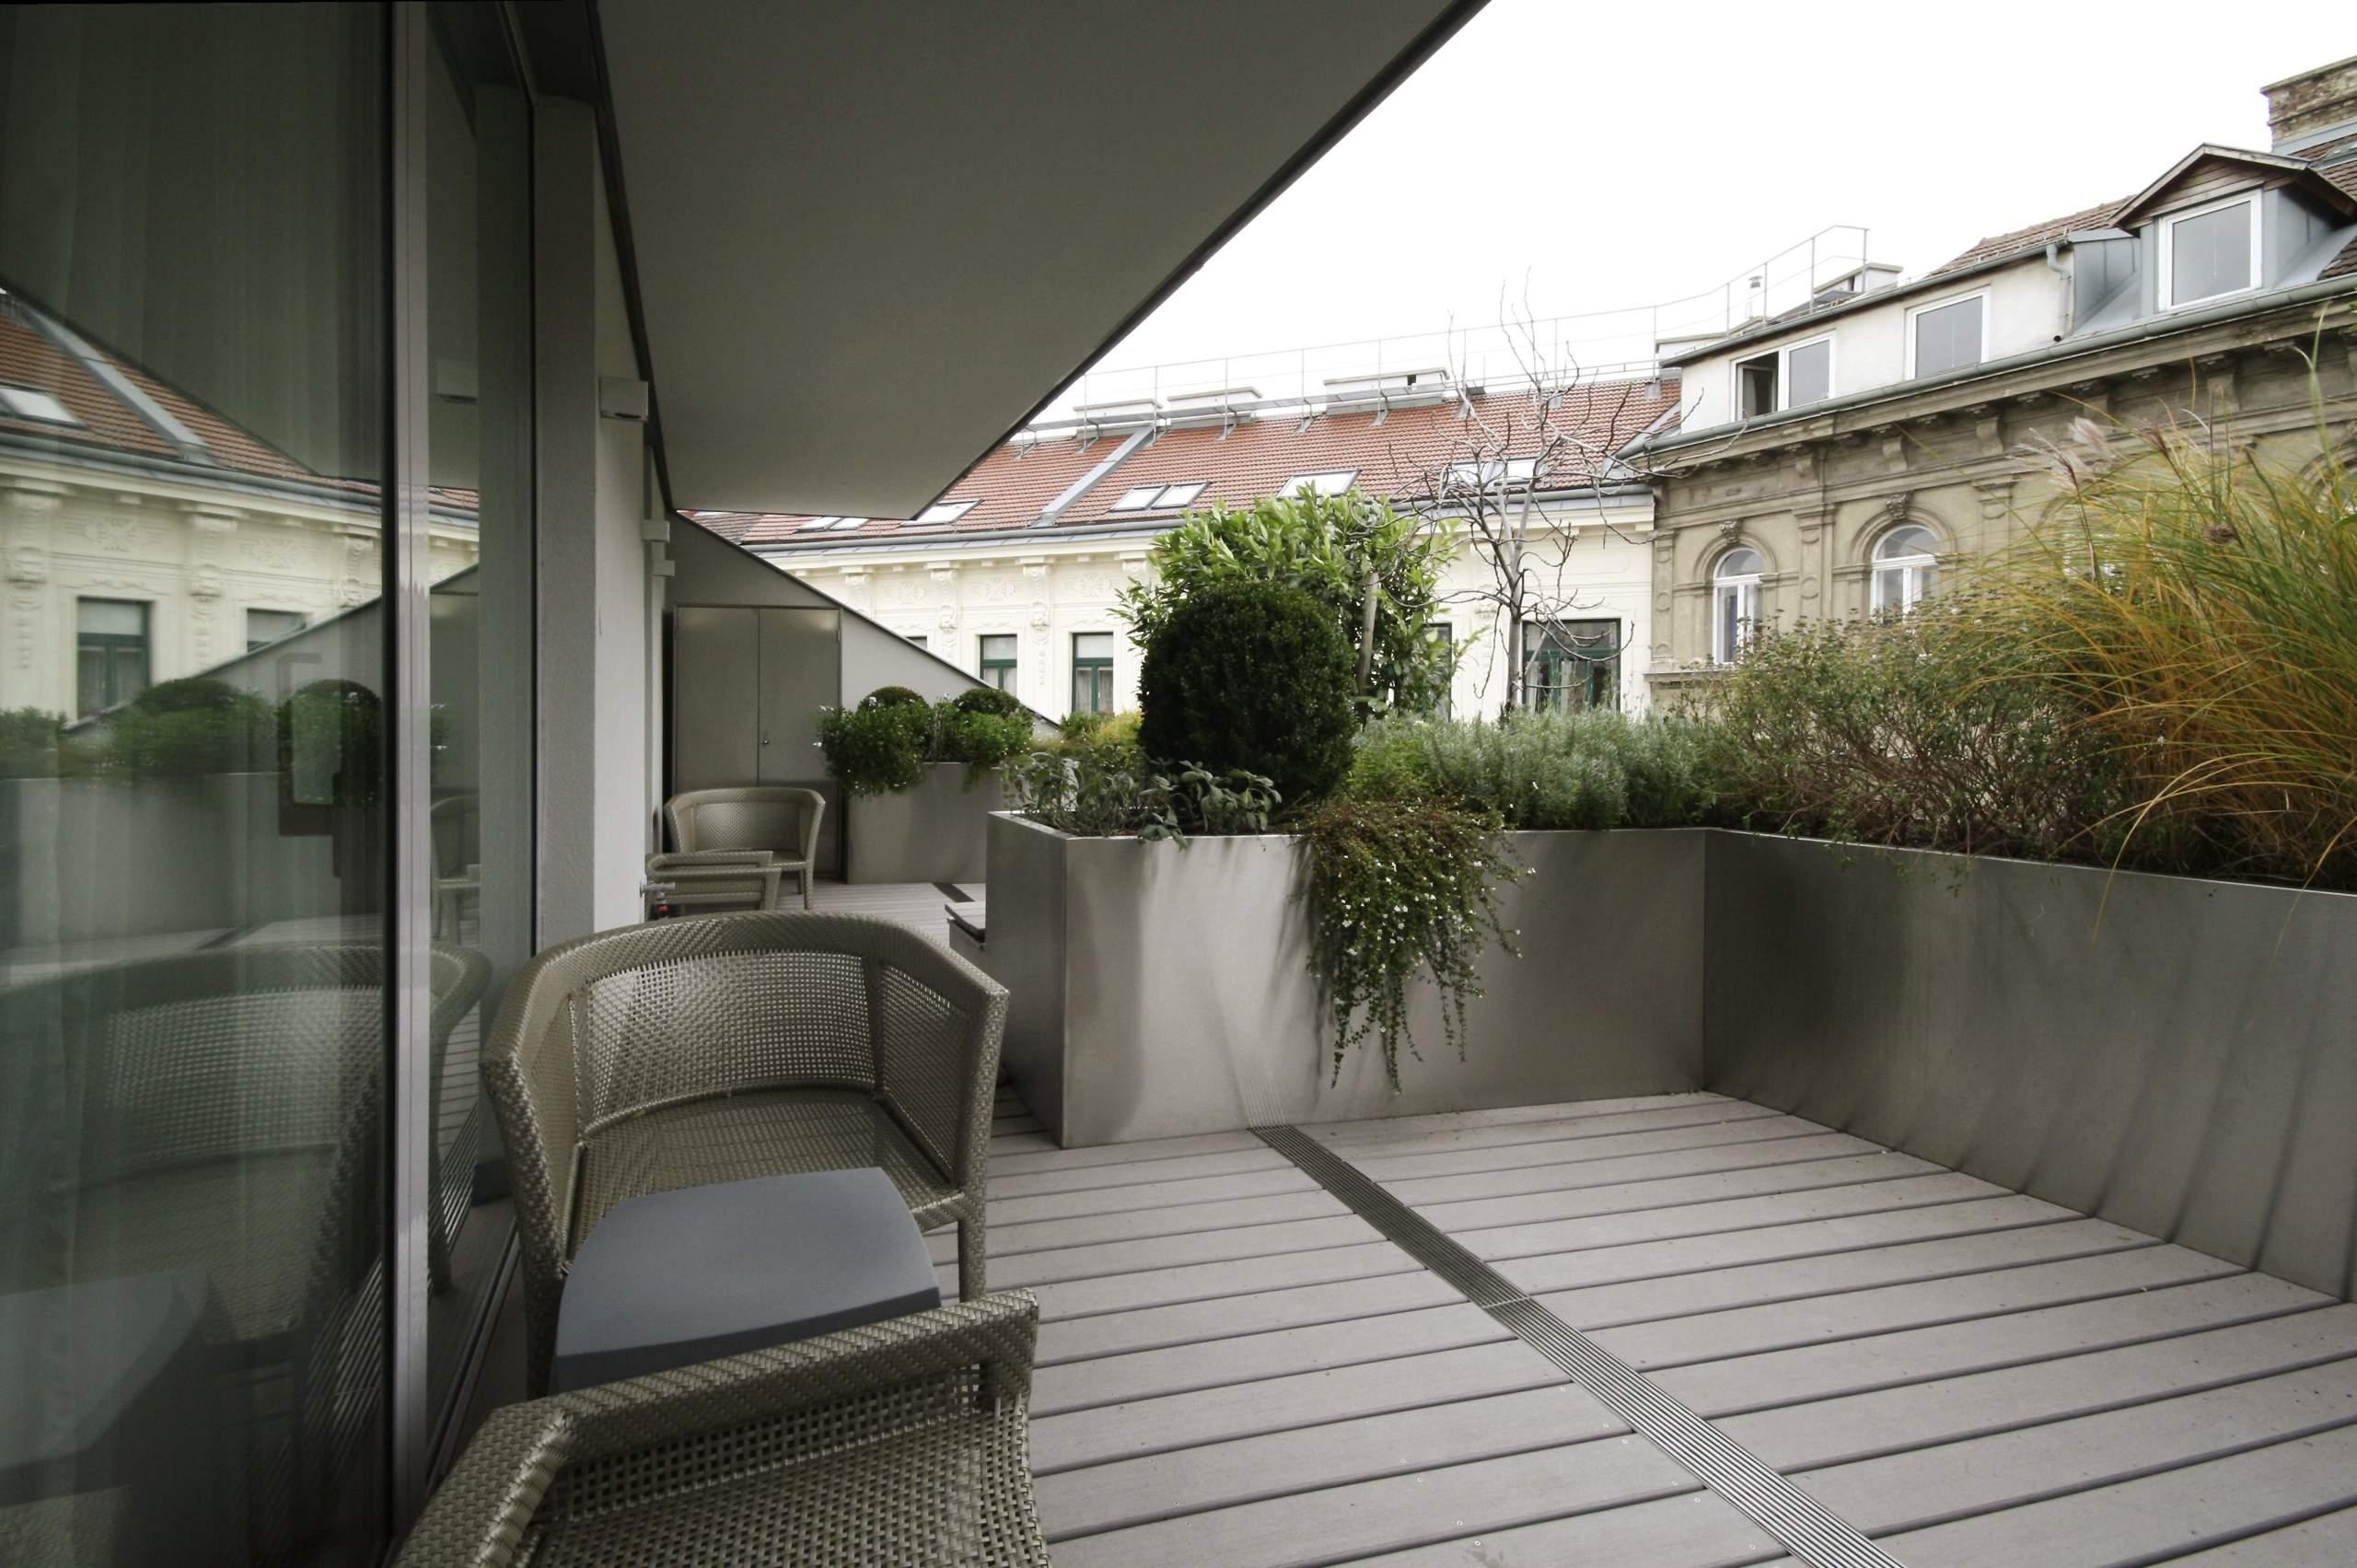 liegler takeh architekten projekt d rergasse 11 2560 liegler takeh architekten. Black Bedroom Furniture Sets. Home Design Ideas